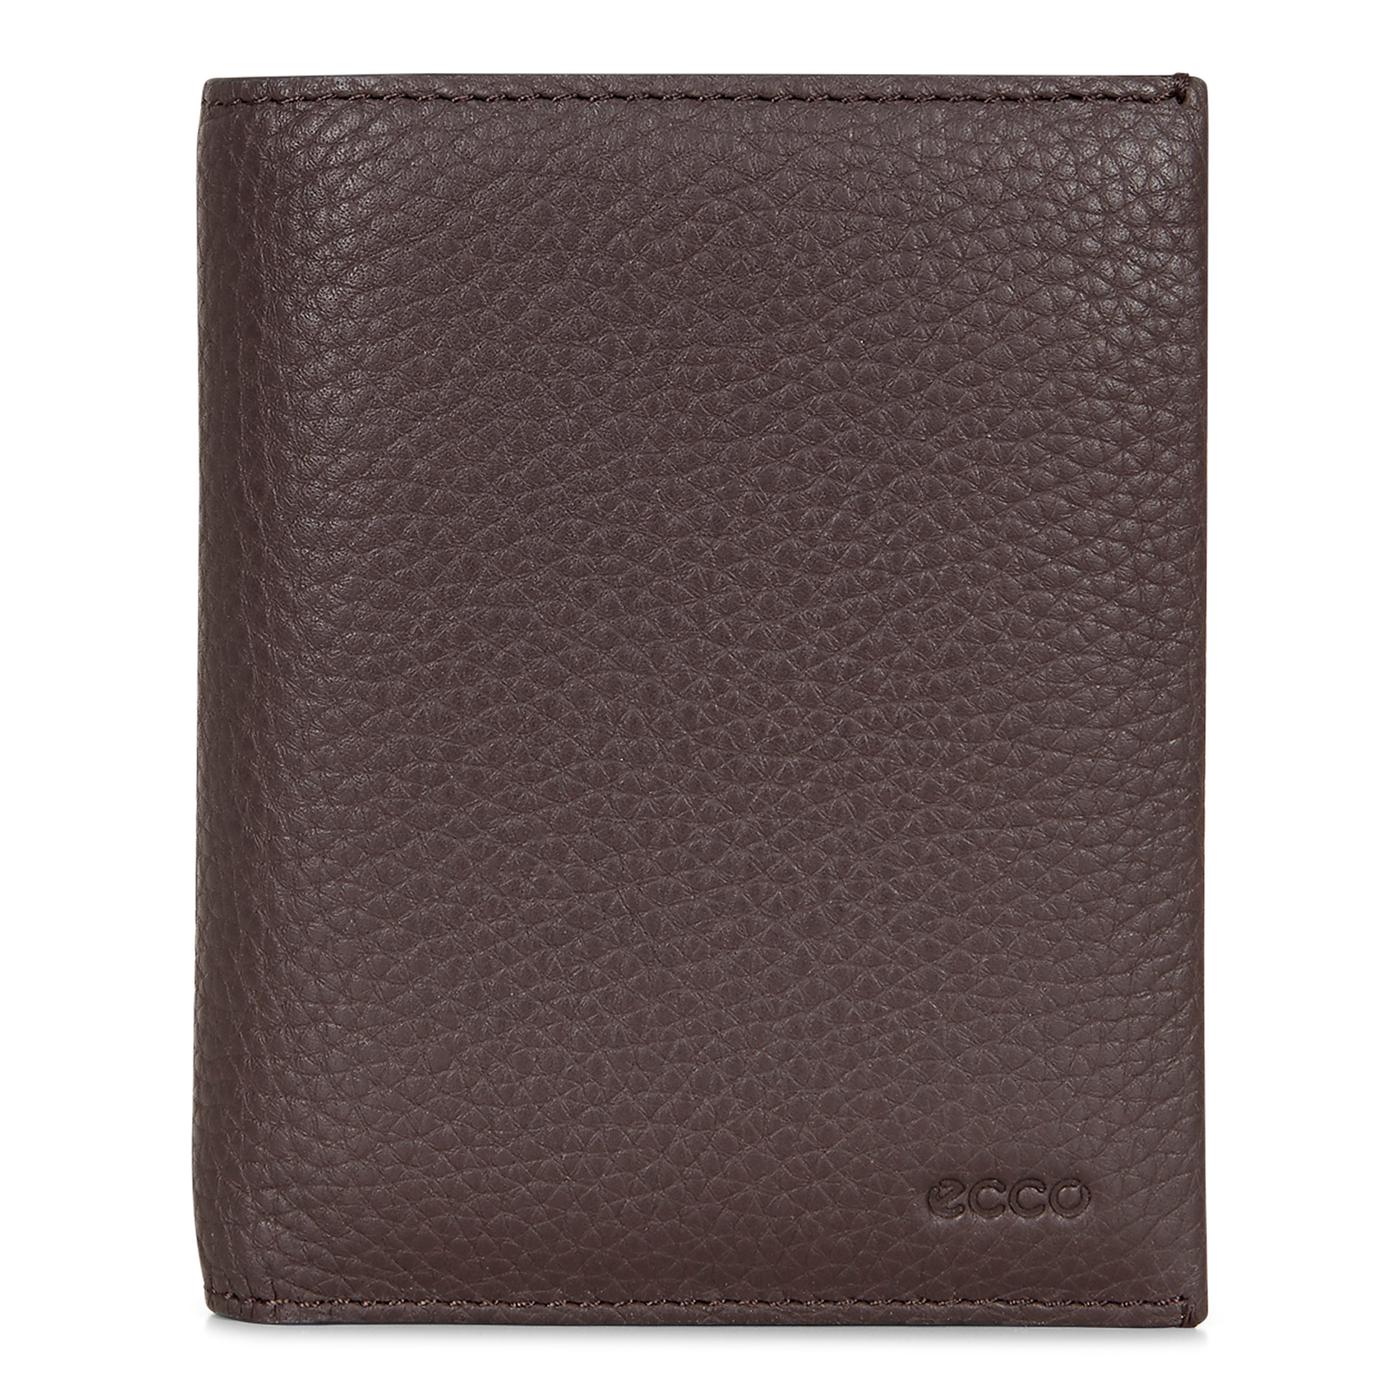 ECCO Bjorn Classic Wallet